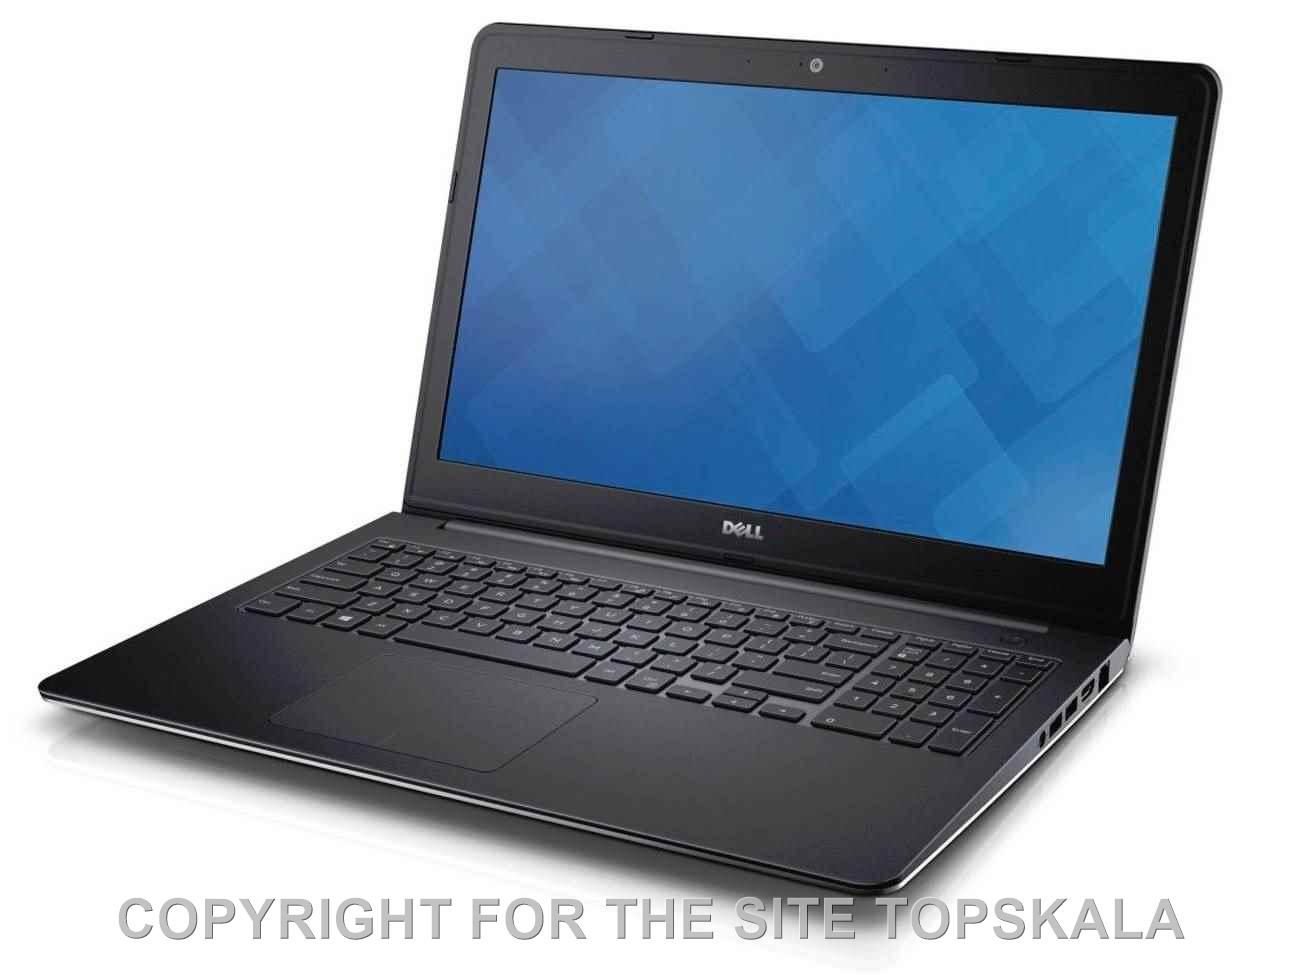 دل / لپ تاپ استوک دل مدل DELL Inspiron 5548